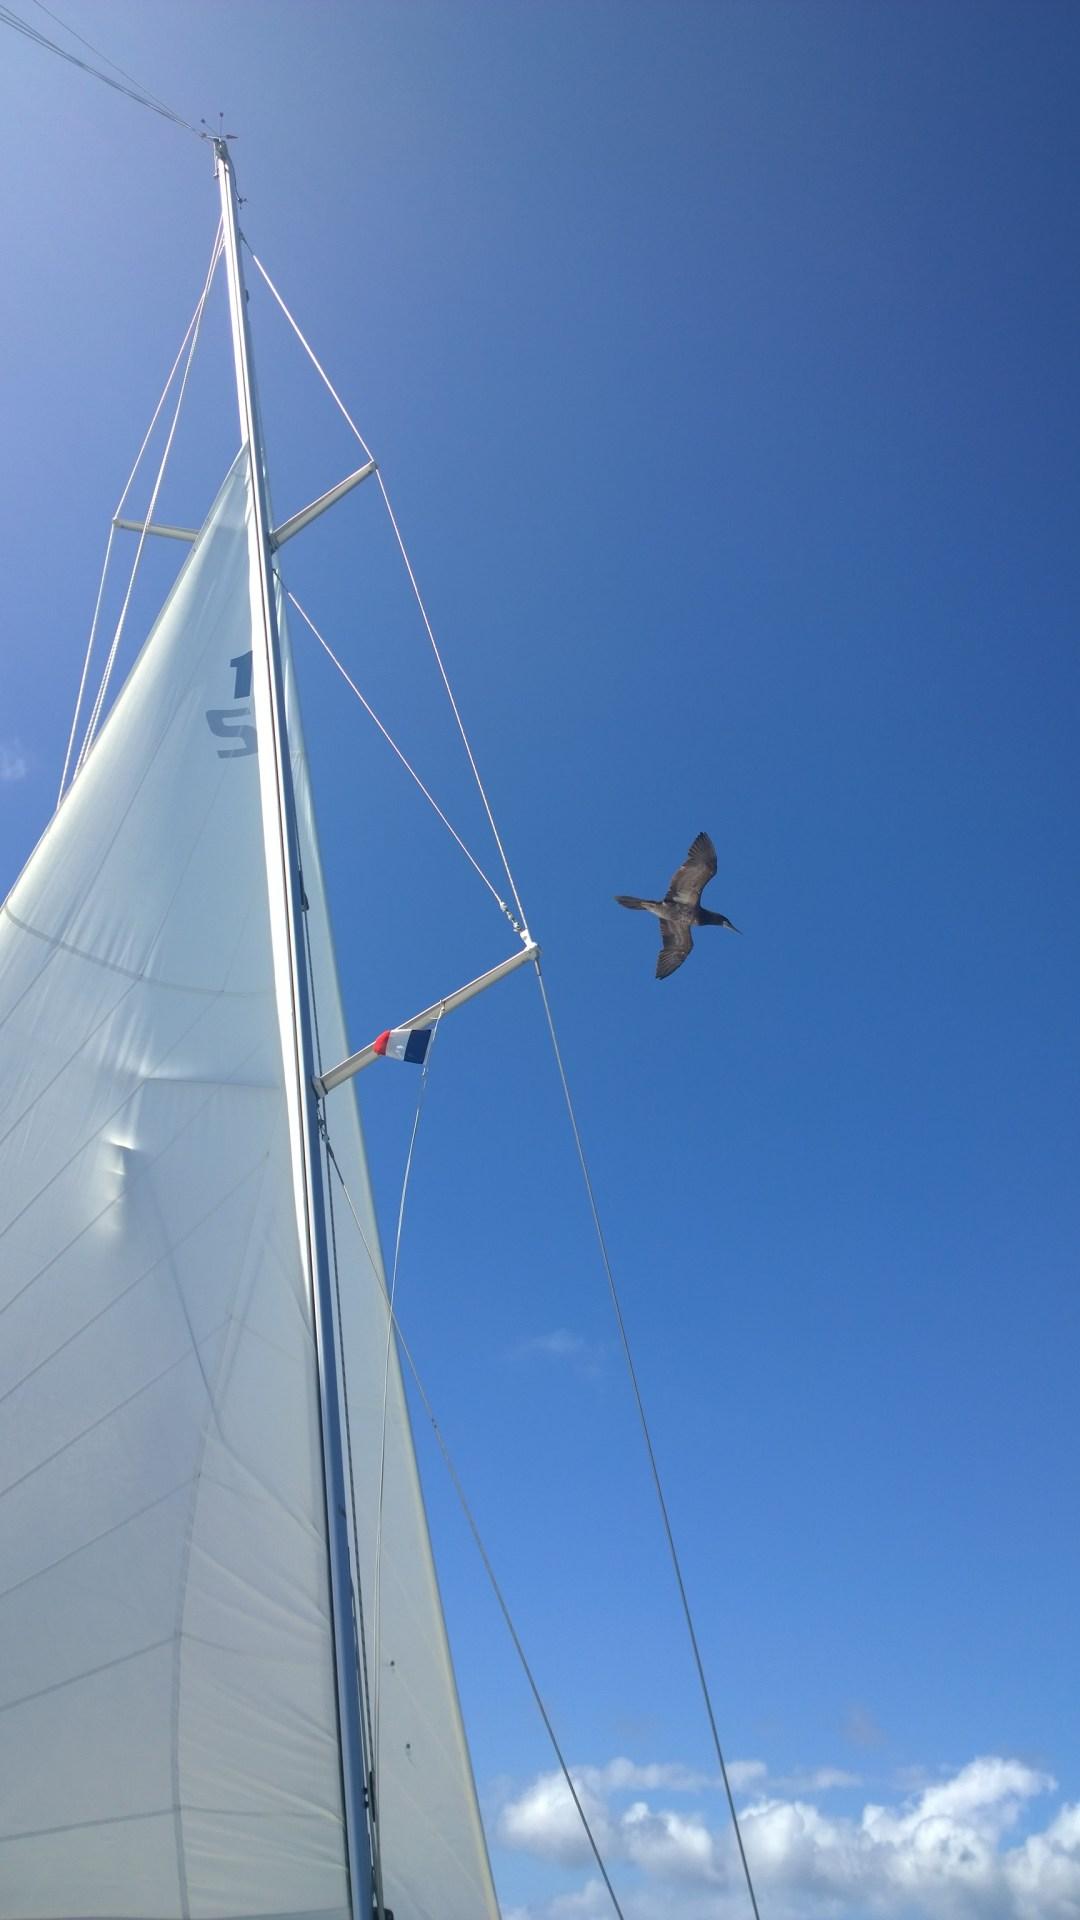 Nyt vähän korkeammalla. Välillä lintu lensi oikeasti reilusti alle kahden metrin päästä minua. Lumiani ei ehtinyt niihin hetkiin mukaan.